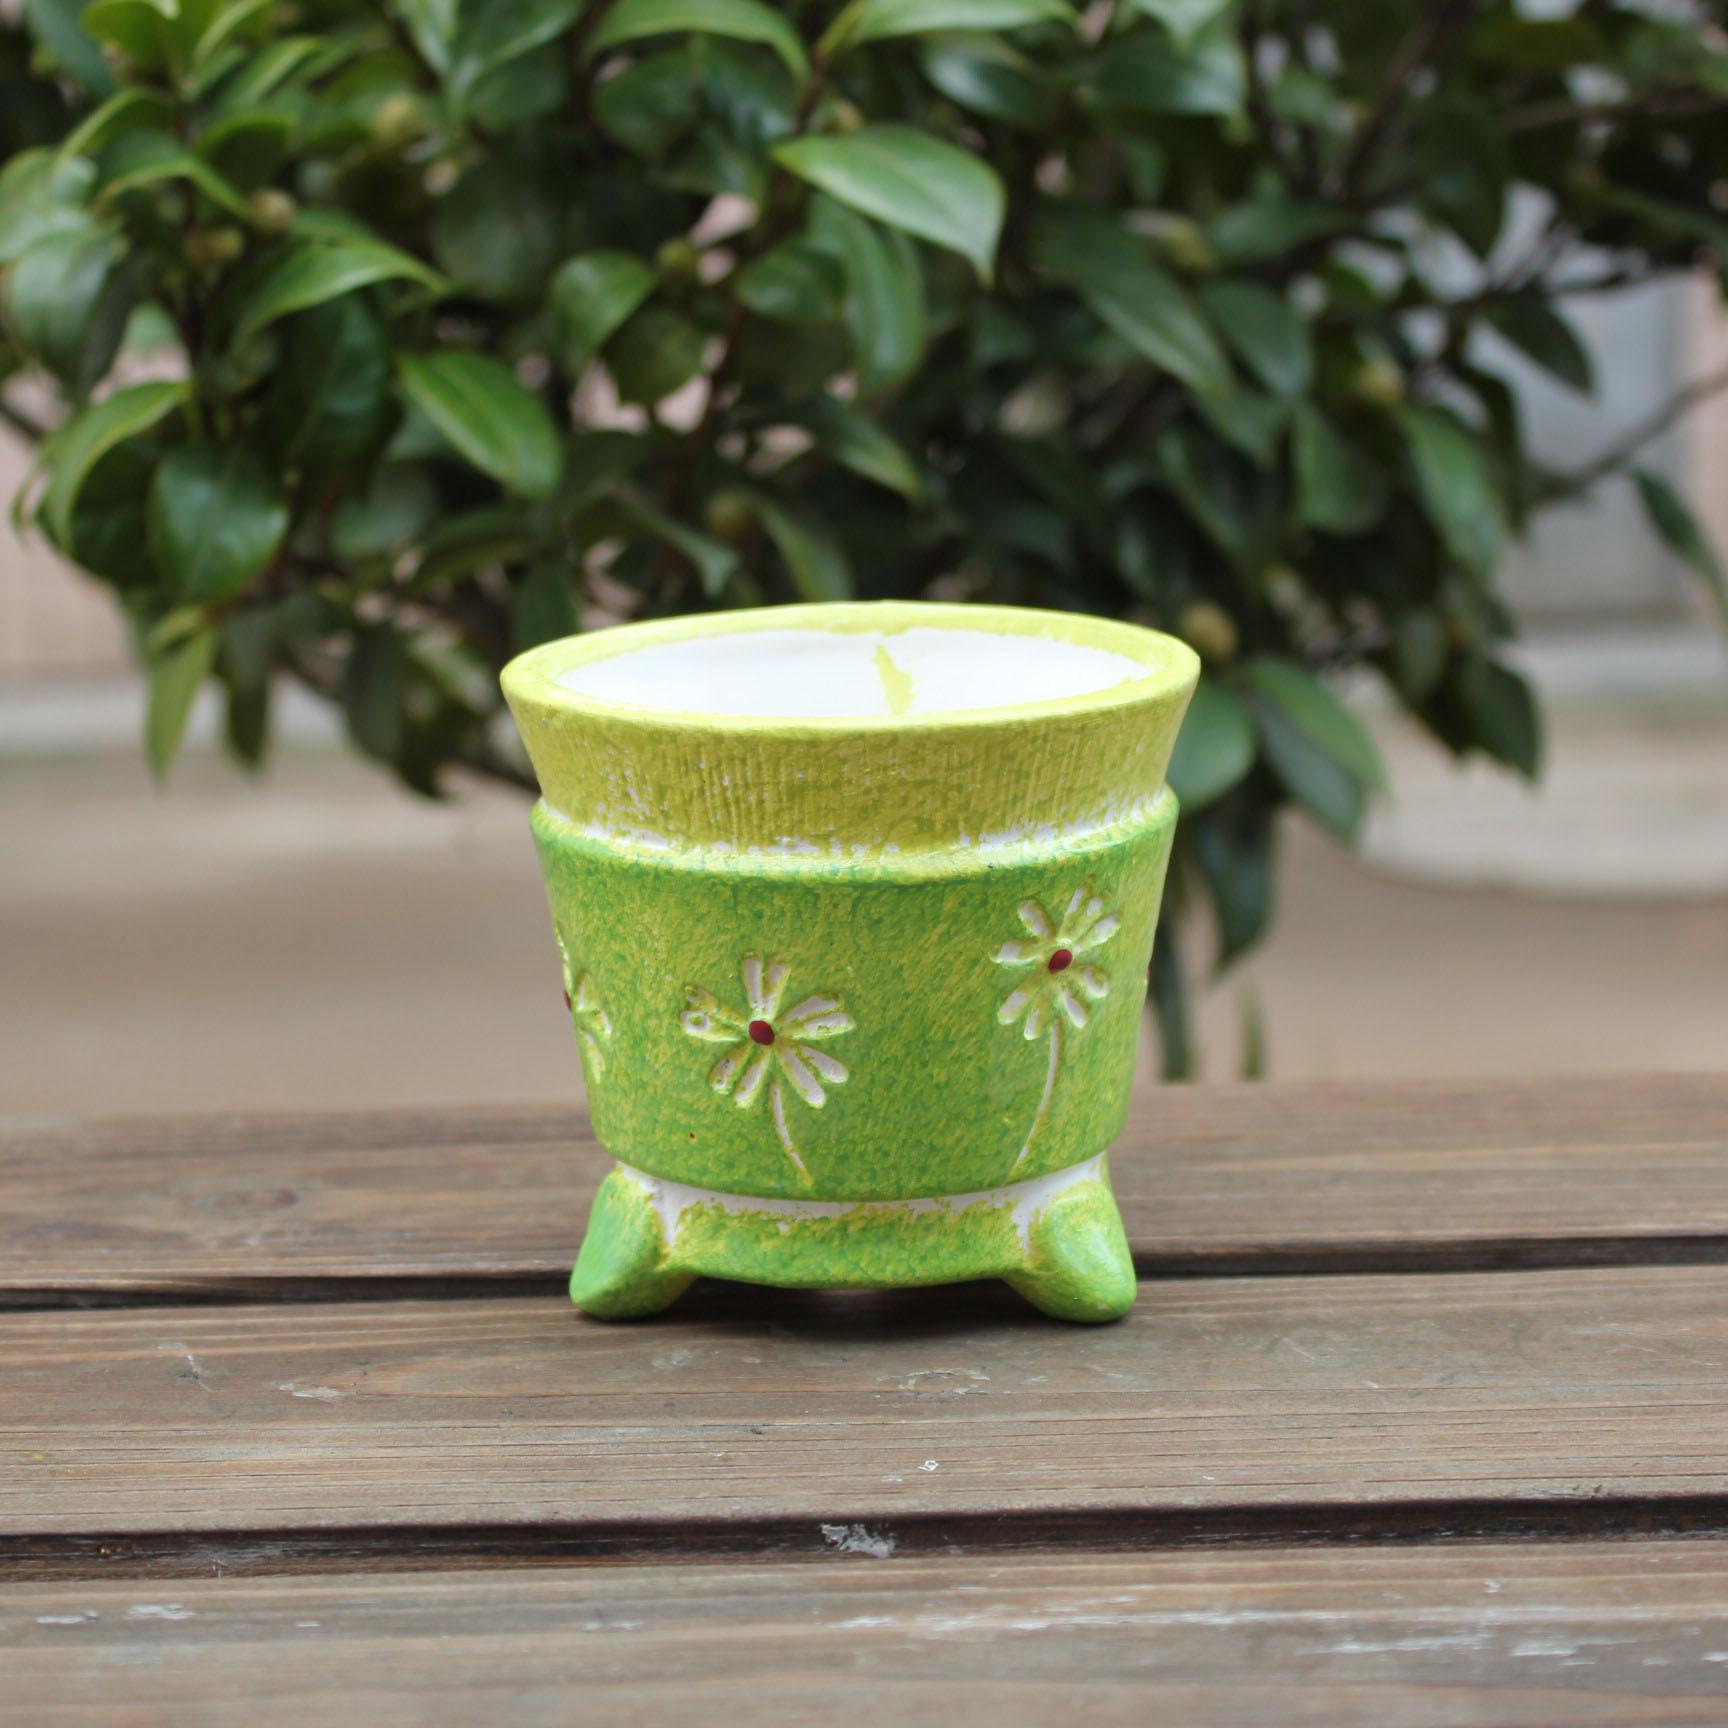 陶瓷花盆12153迷你韩国花盆园艺盆栽多肉植物台式花盆厂家直销